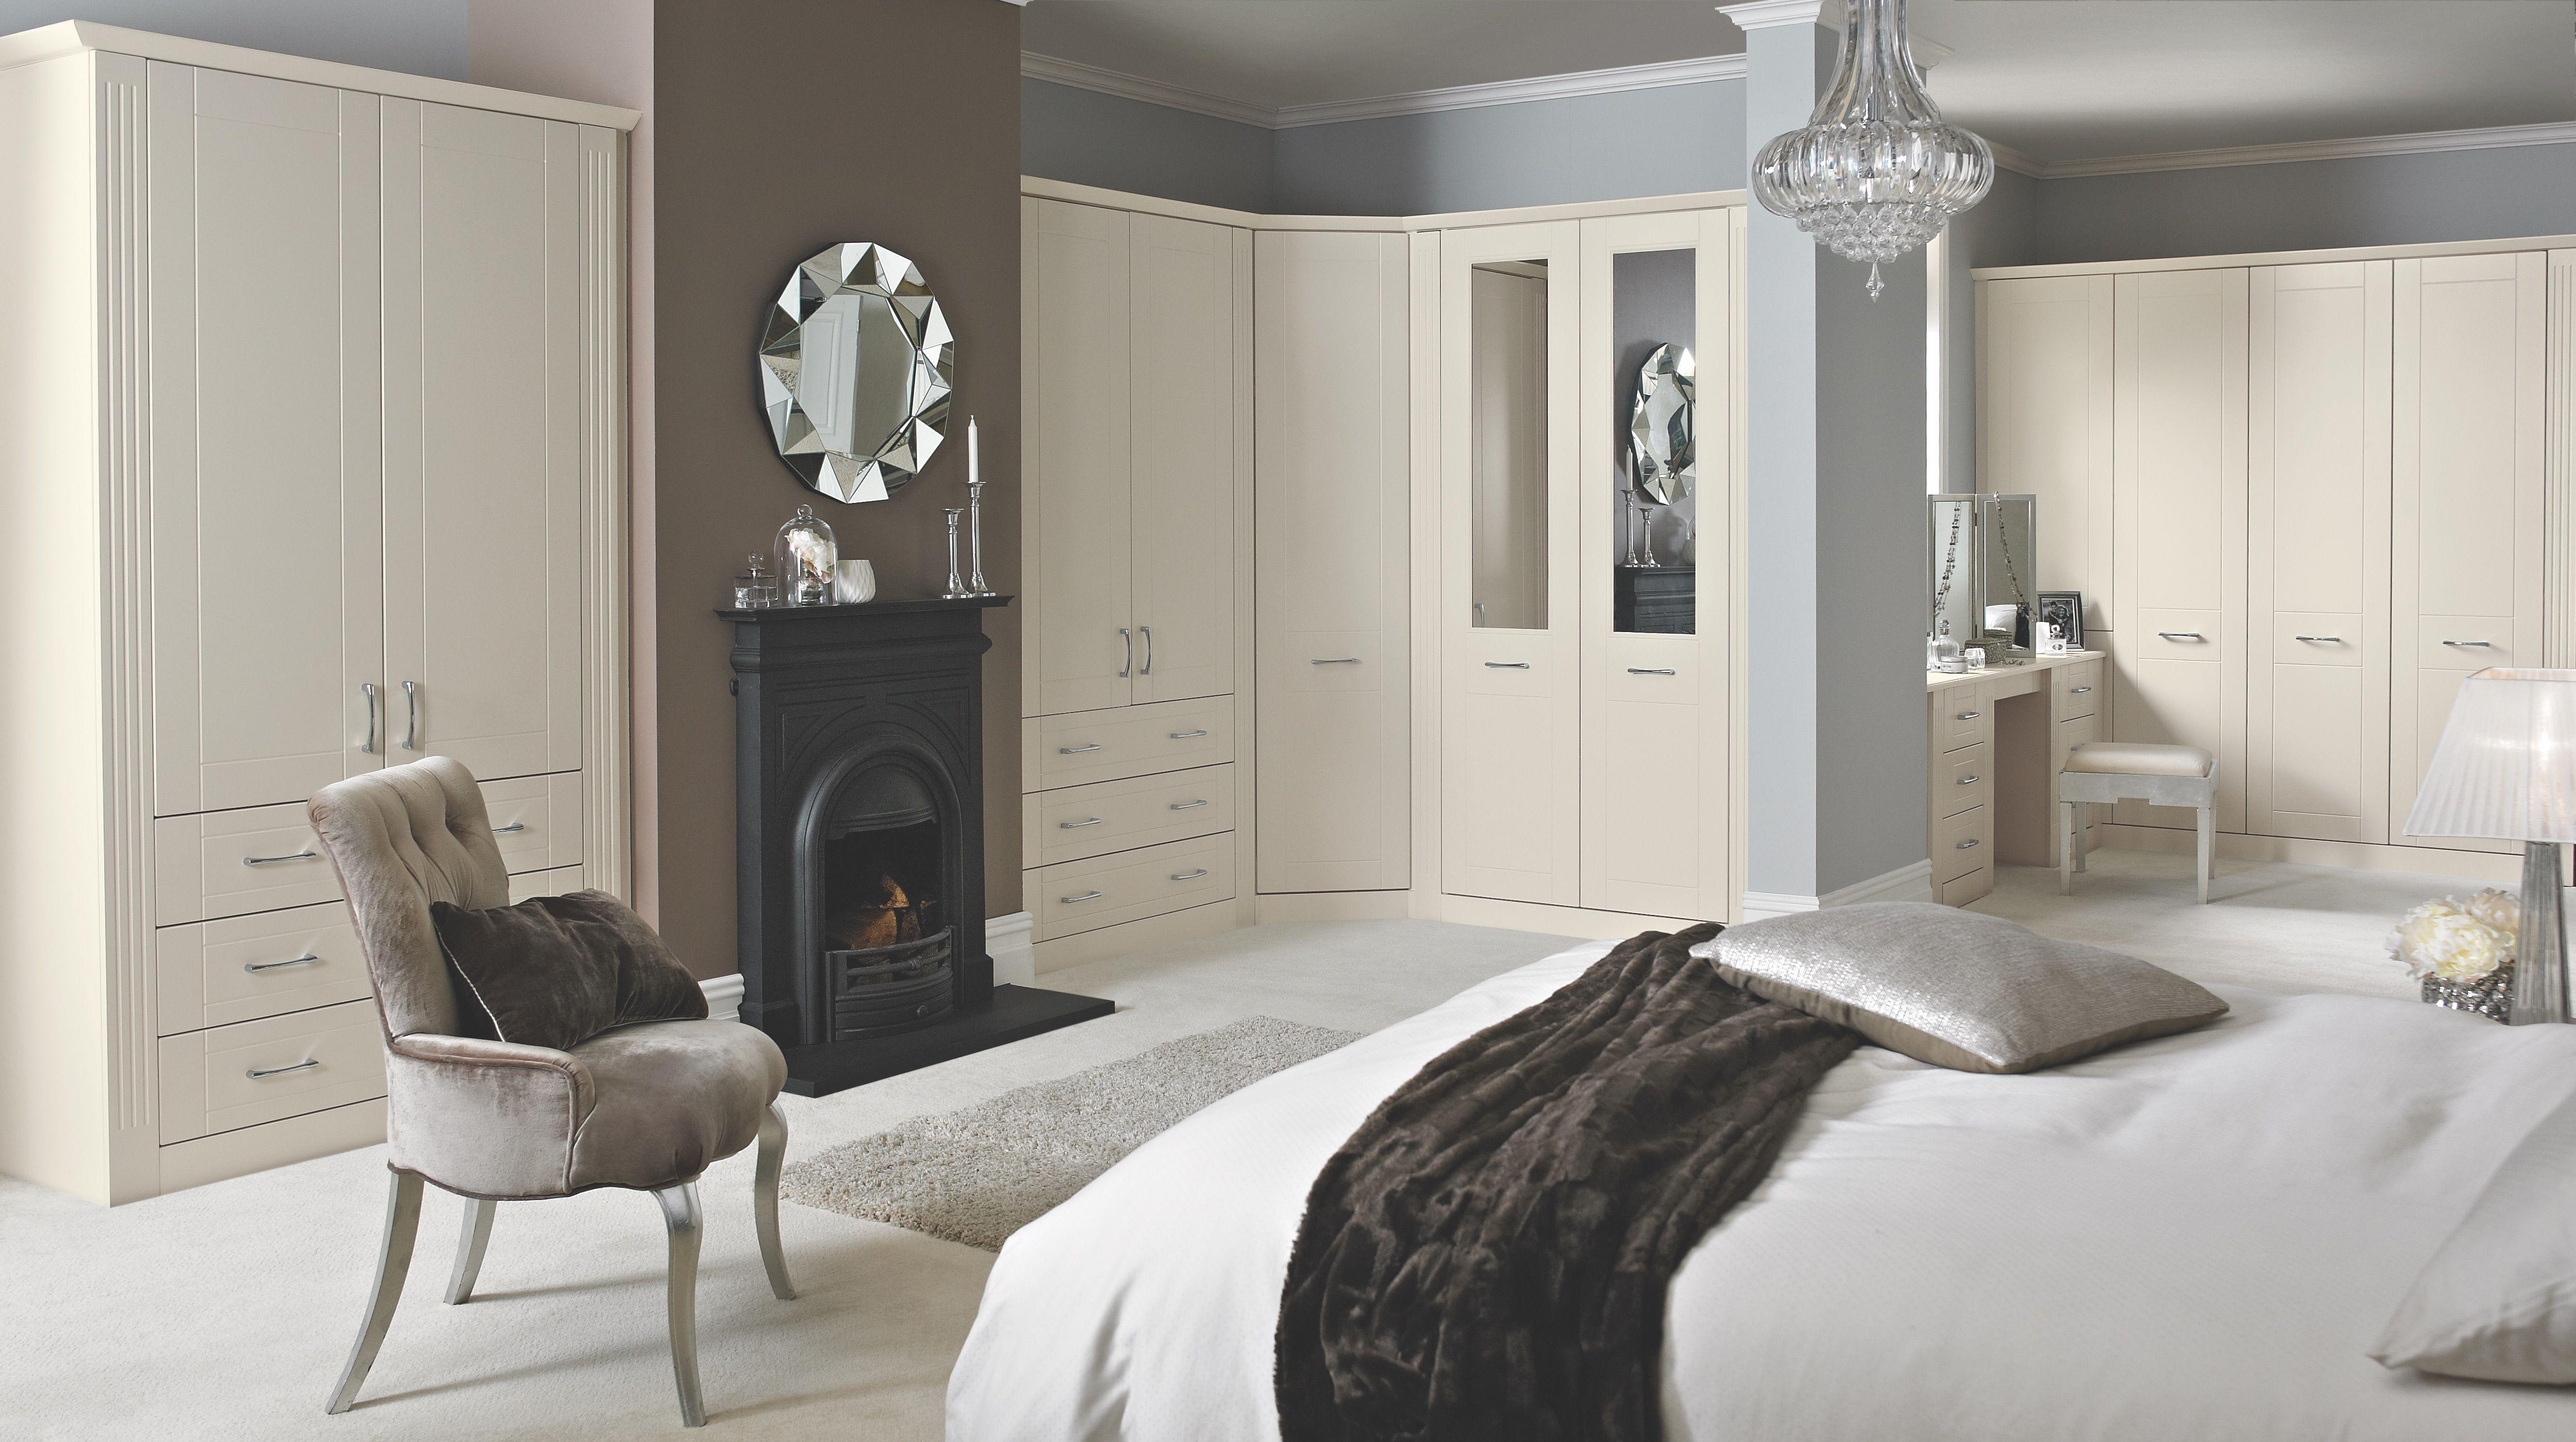 My Fitted Bedroom Isabella Bedroom In Cream Bedroom Inspiration Bedroom Ideas Large Bedrooms Fitted Wa Ceiling Design Bedroom Bedroom Layouts Small Bedroom